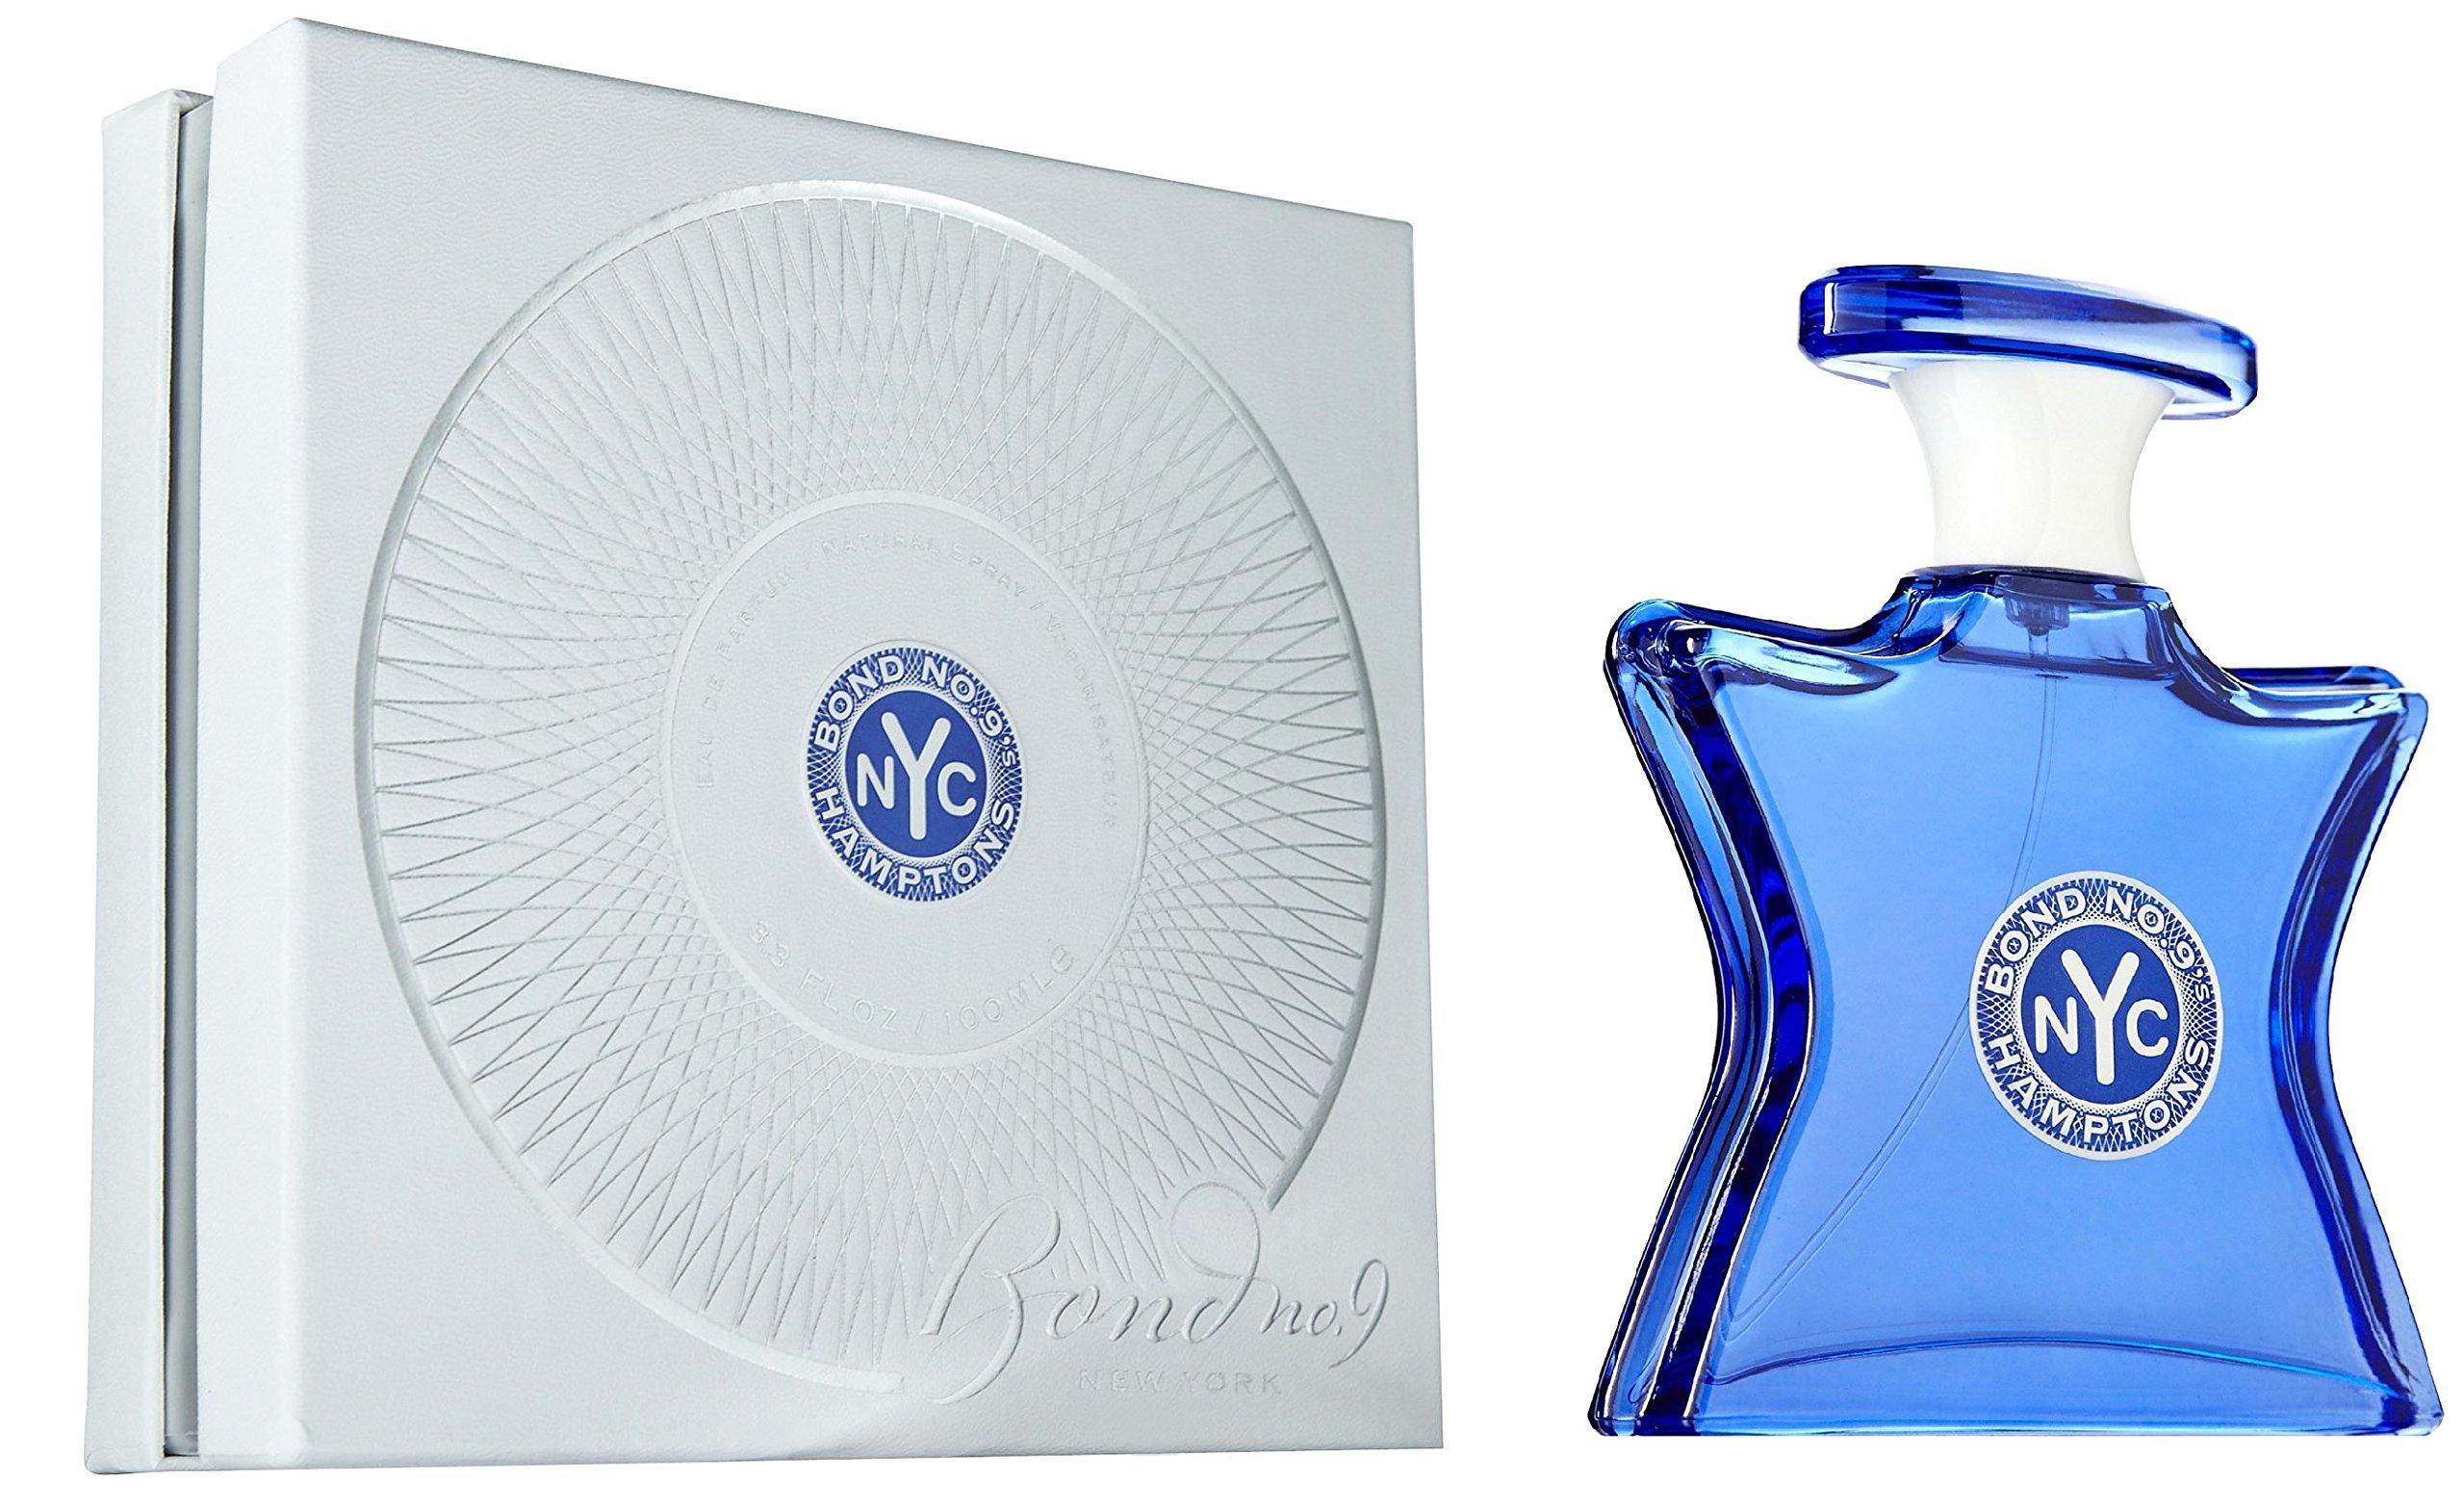 Bond No. 9 Hamptons by Bond No. 9 For Men And Women. Eau De Parfum Spray 3.3-Ounces by Bond No. 9 (Image #1)